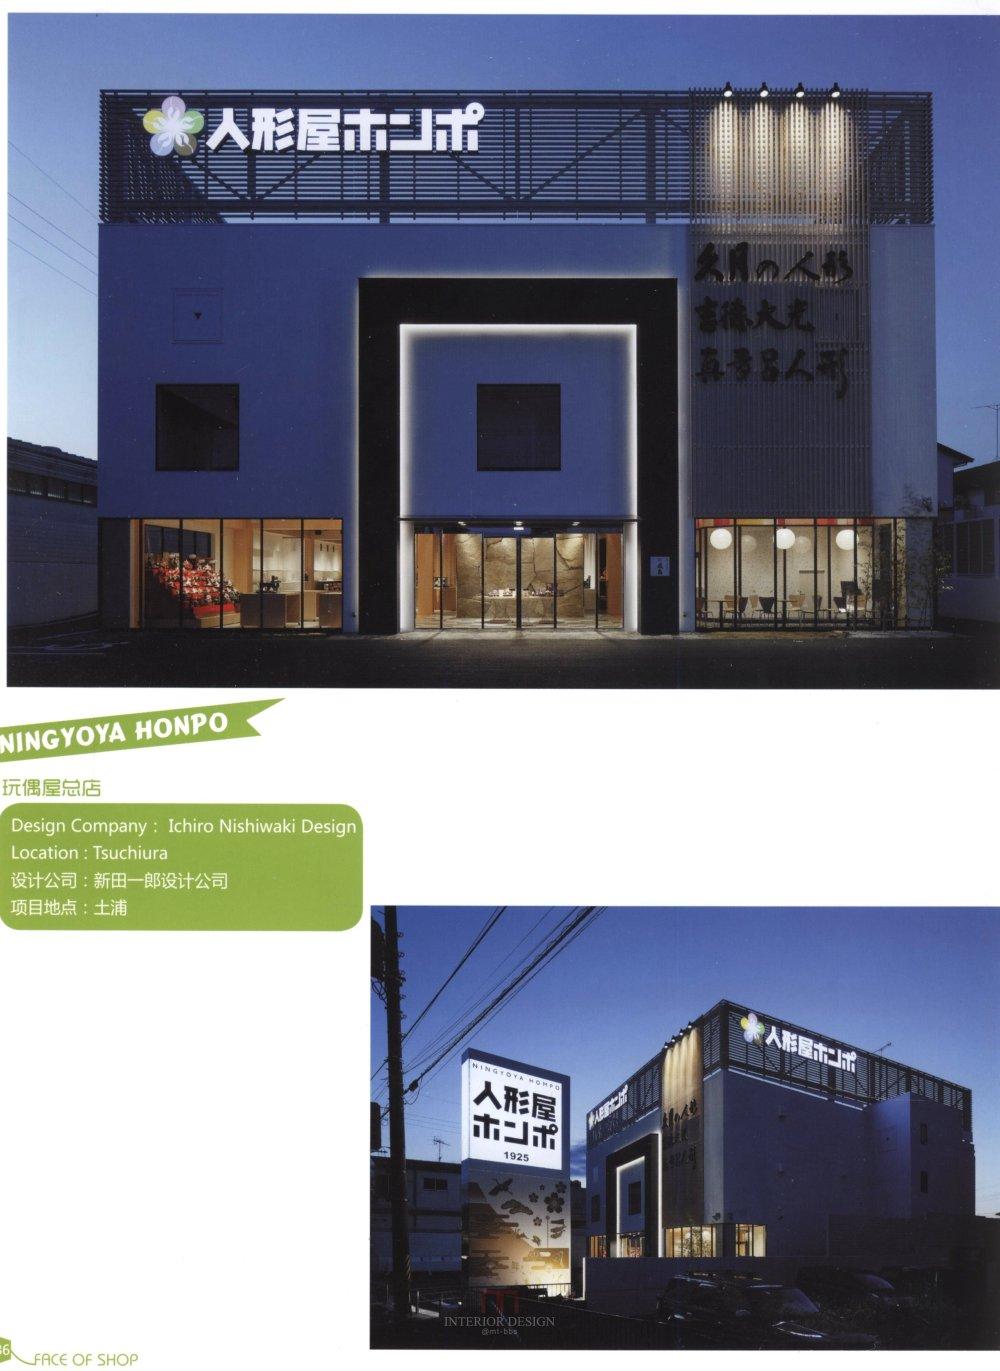 商业店铺、门头设计_kebi 0279.jpg